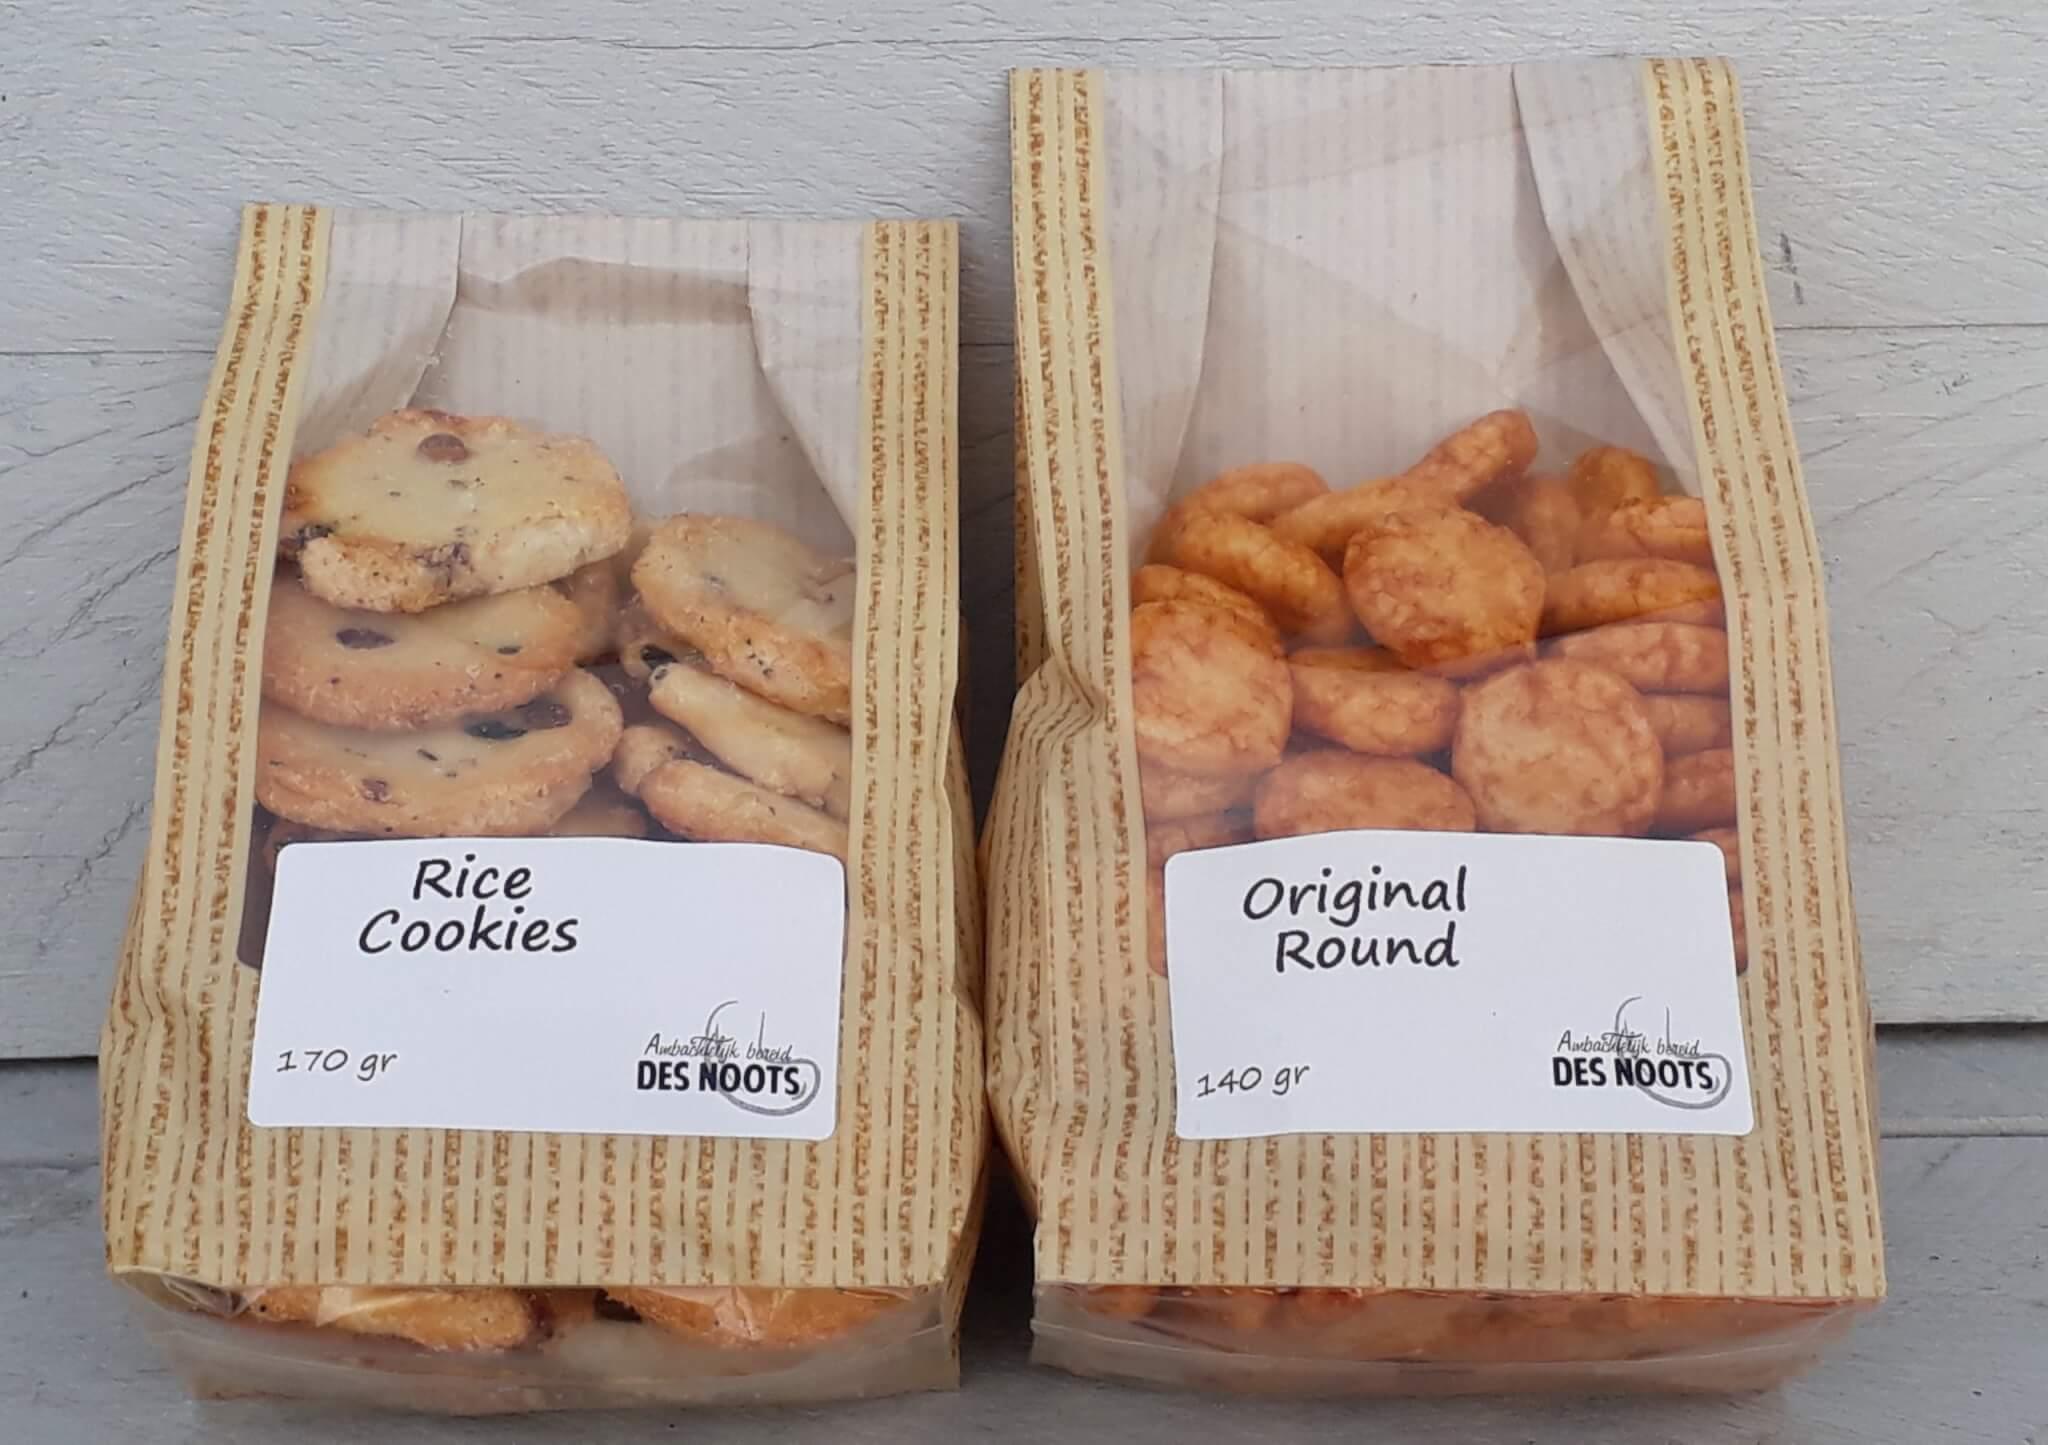 Fruitbedrijf Van den Berge original round en rice cookies